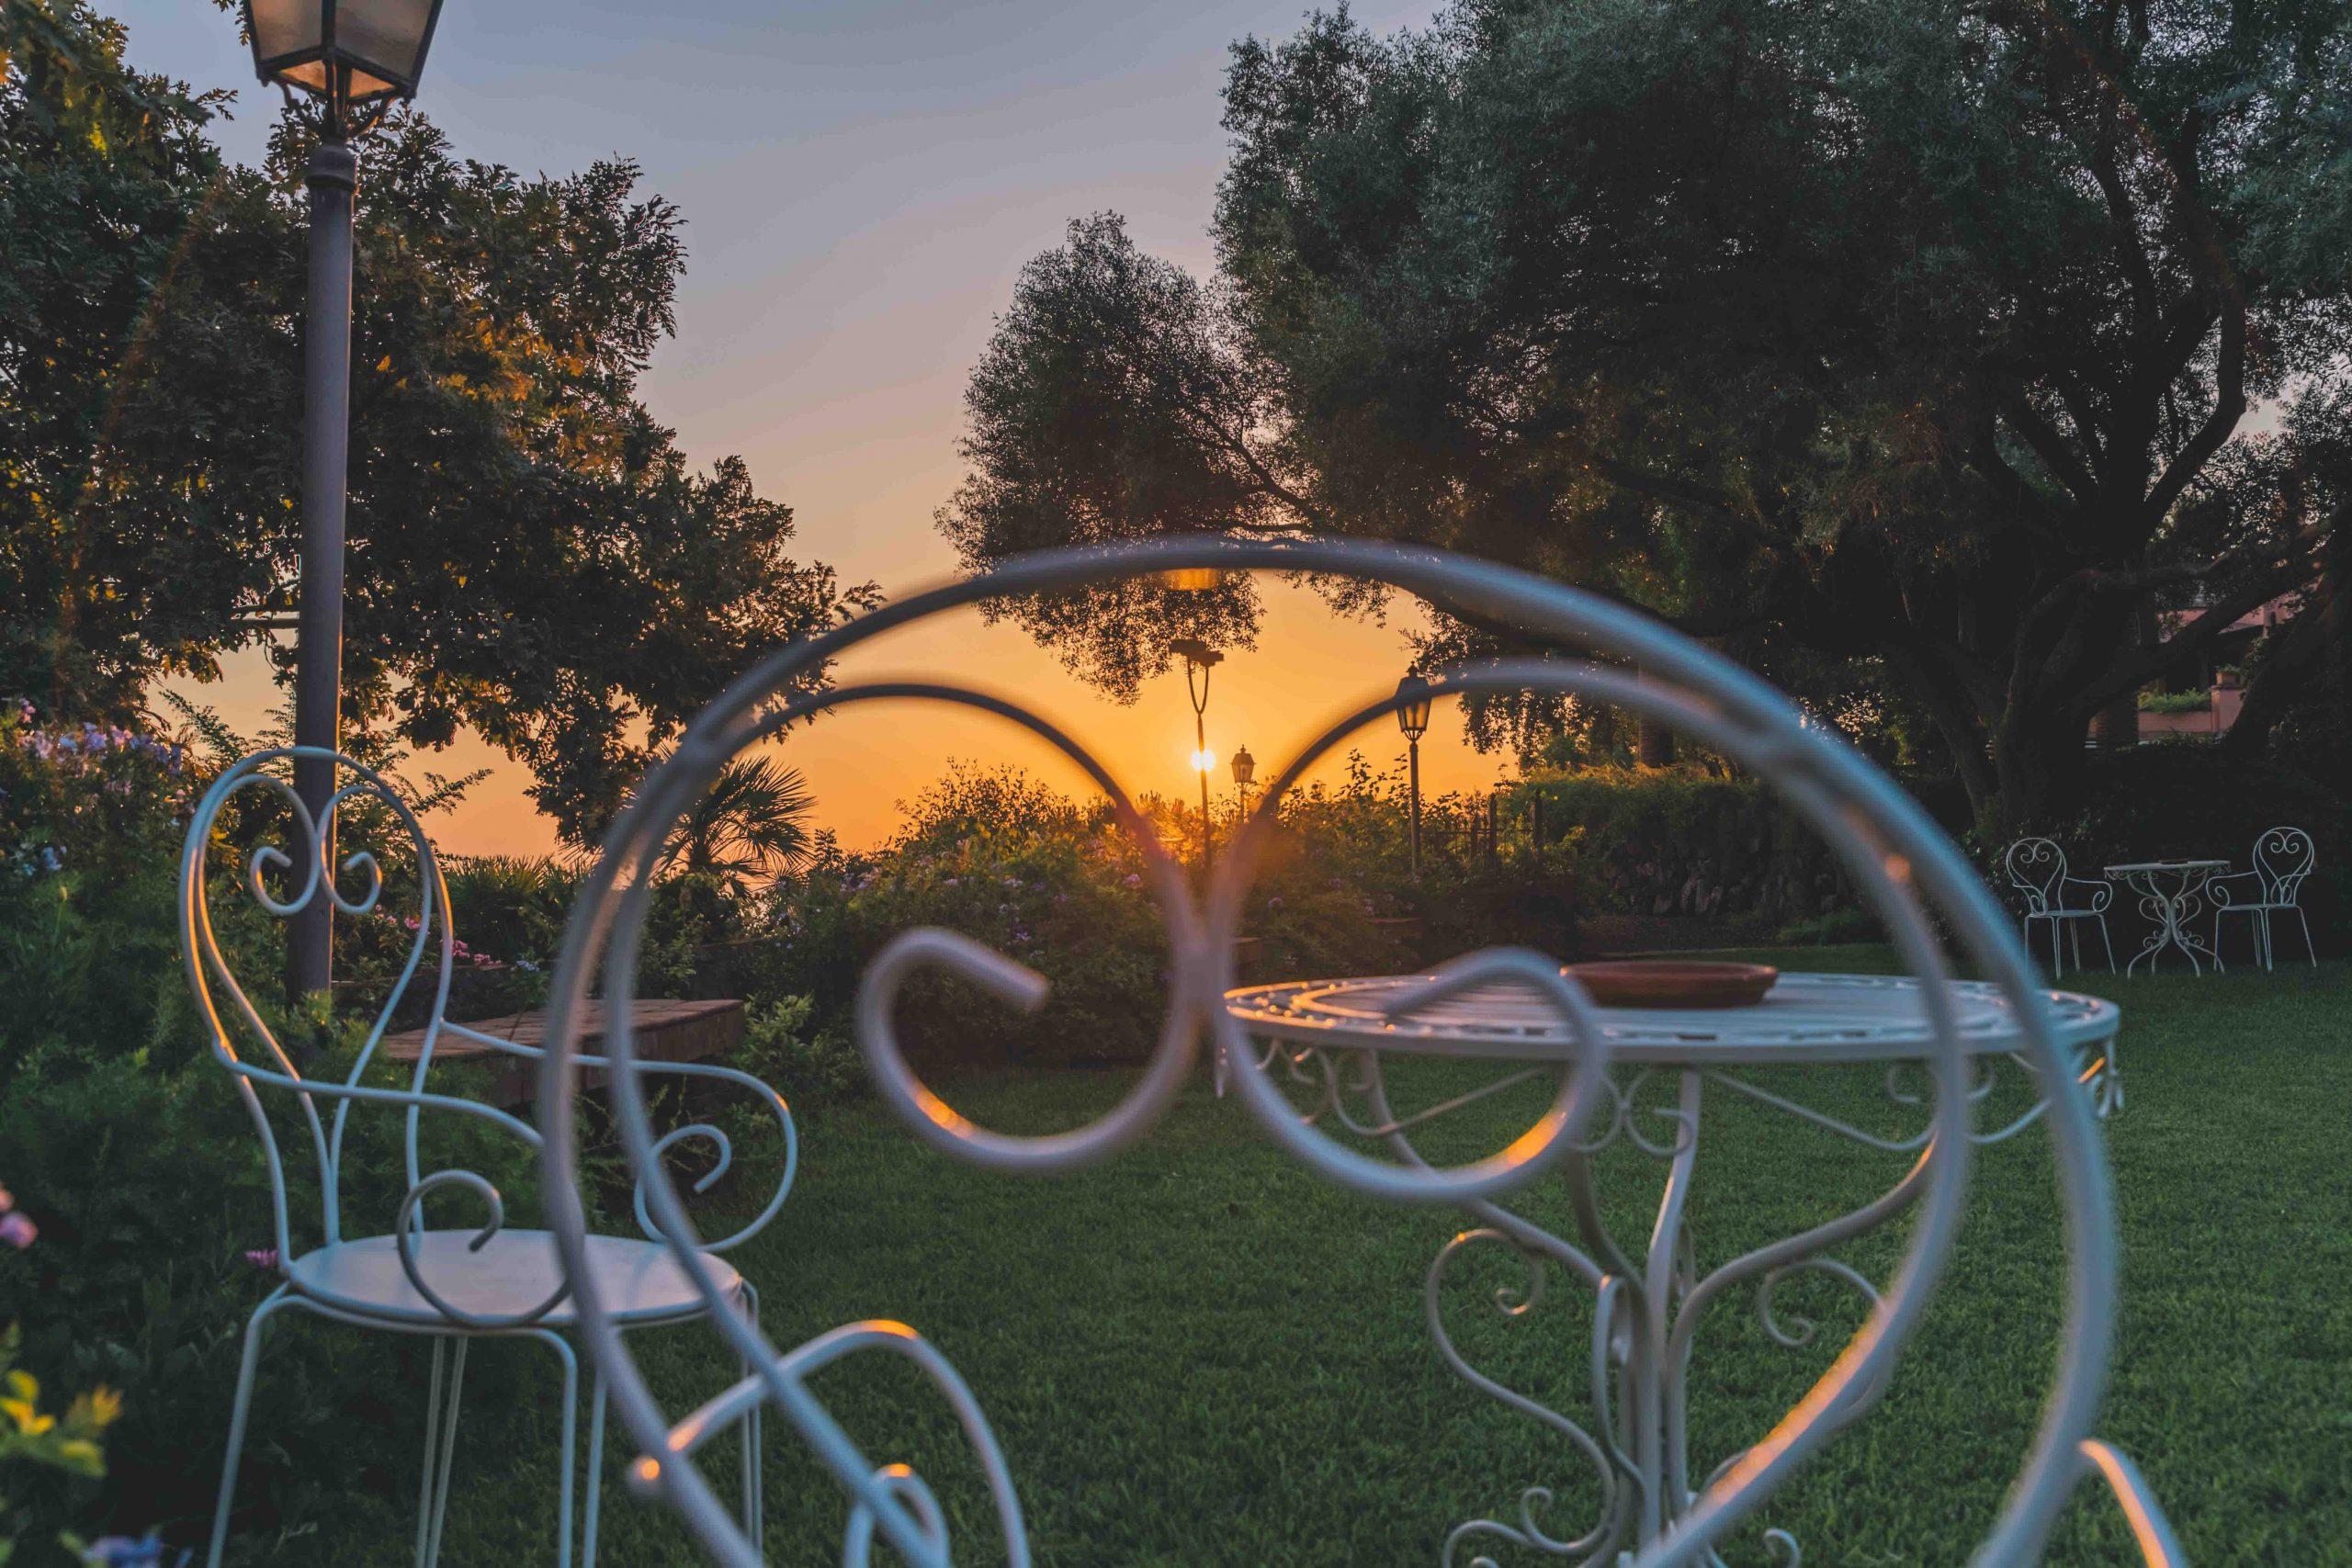 La Natura è la più bella galleria d'arte ed è tutta intorno a noi. Villa Musmeci è circondata dalla Riserva Naturale della Timpa di Acireale, dalla Baia di Santa Tecla e dalla Conca d'Ora del limone verdello dove l'incanto di un fiore sposa il profumo degli agrumi di Sicilia. Nessuno vorrebbe più andare via!